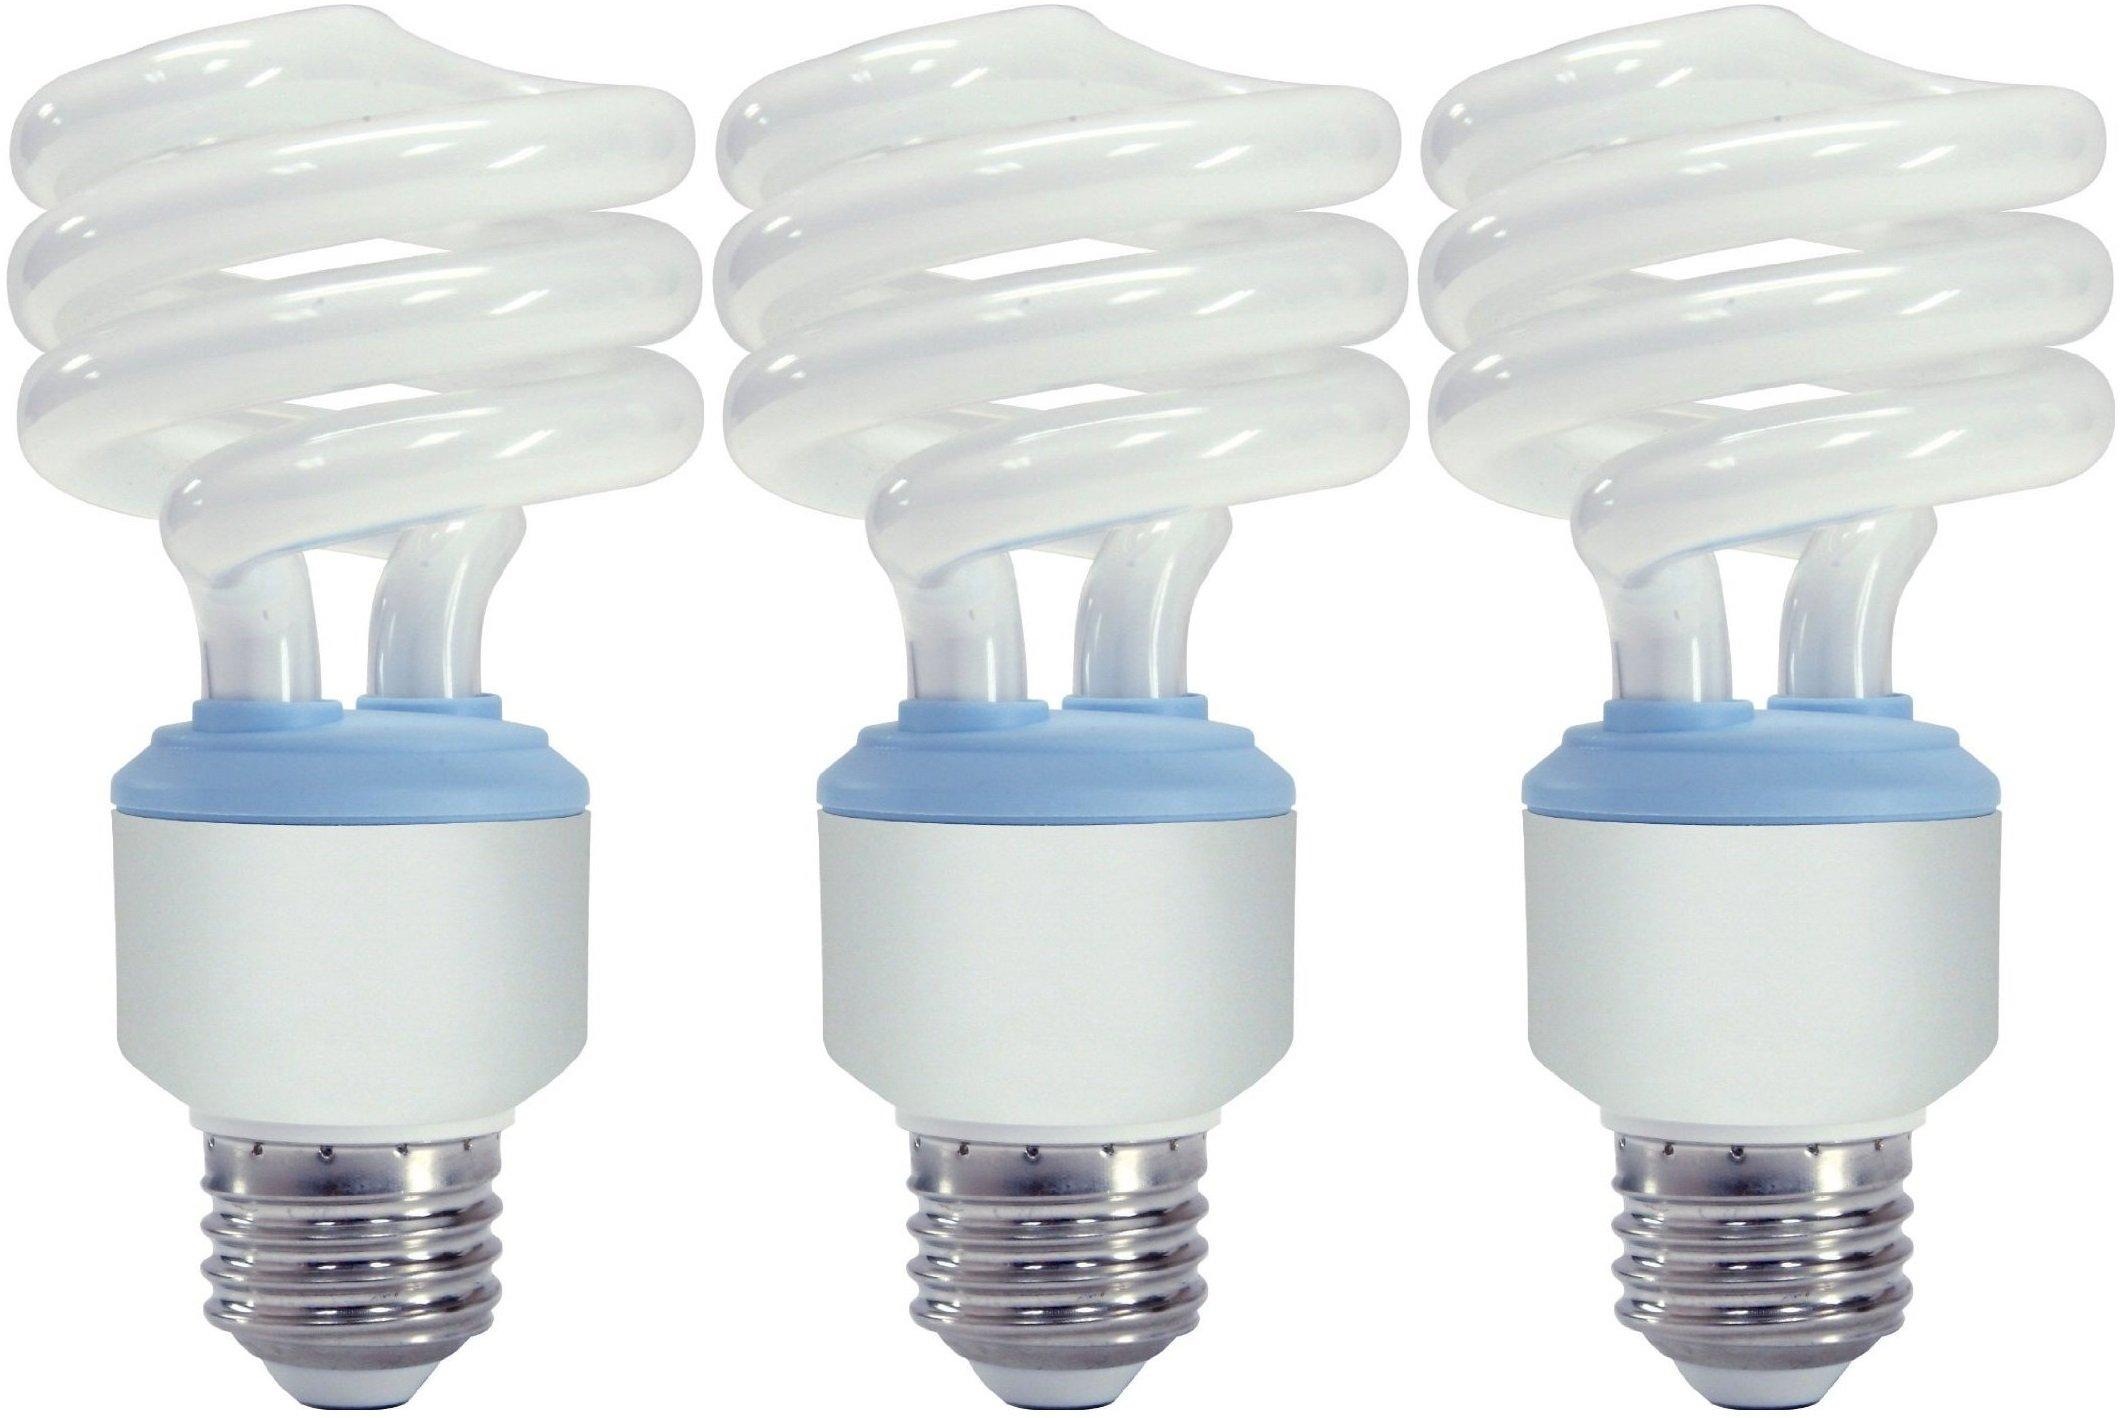 GE Lighting 75407 Reveal Spiral CFL 20-Watt (75-watt replacement) 1200-Lumen T3 Spiral Light Bulb with Medium Base, 3-Pack